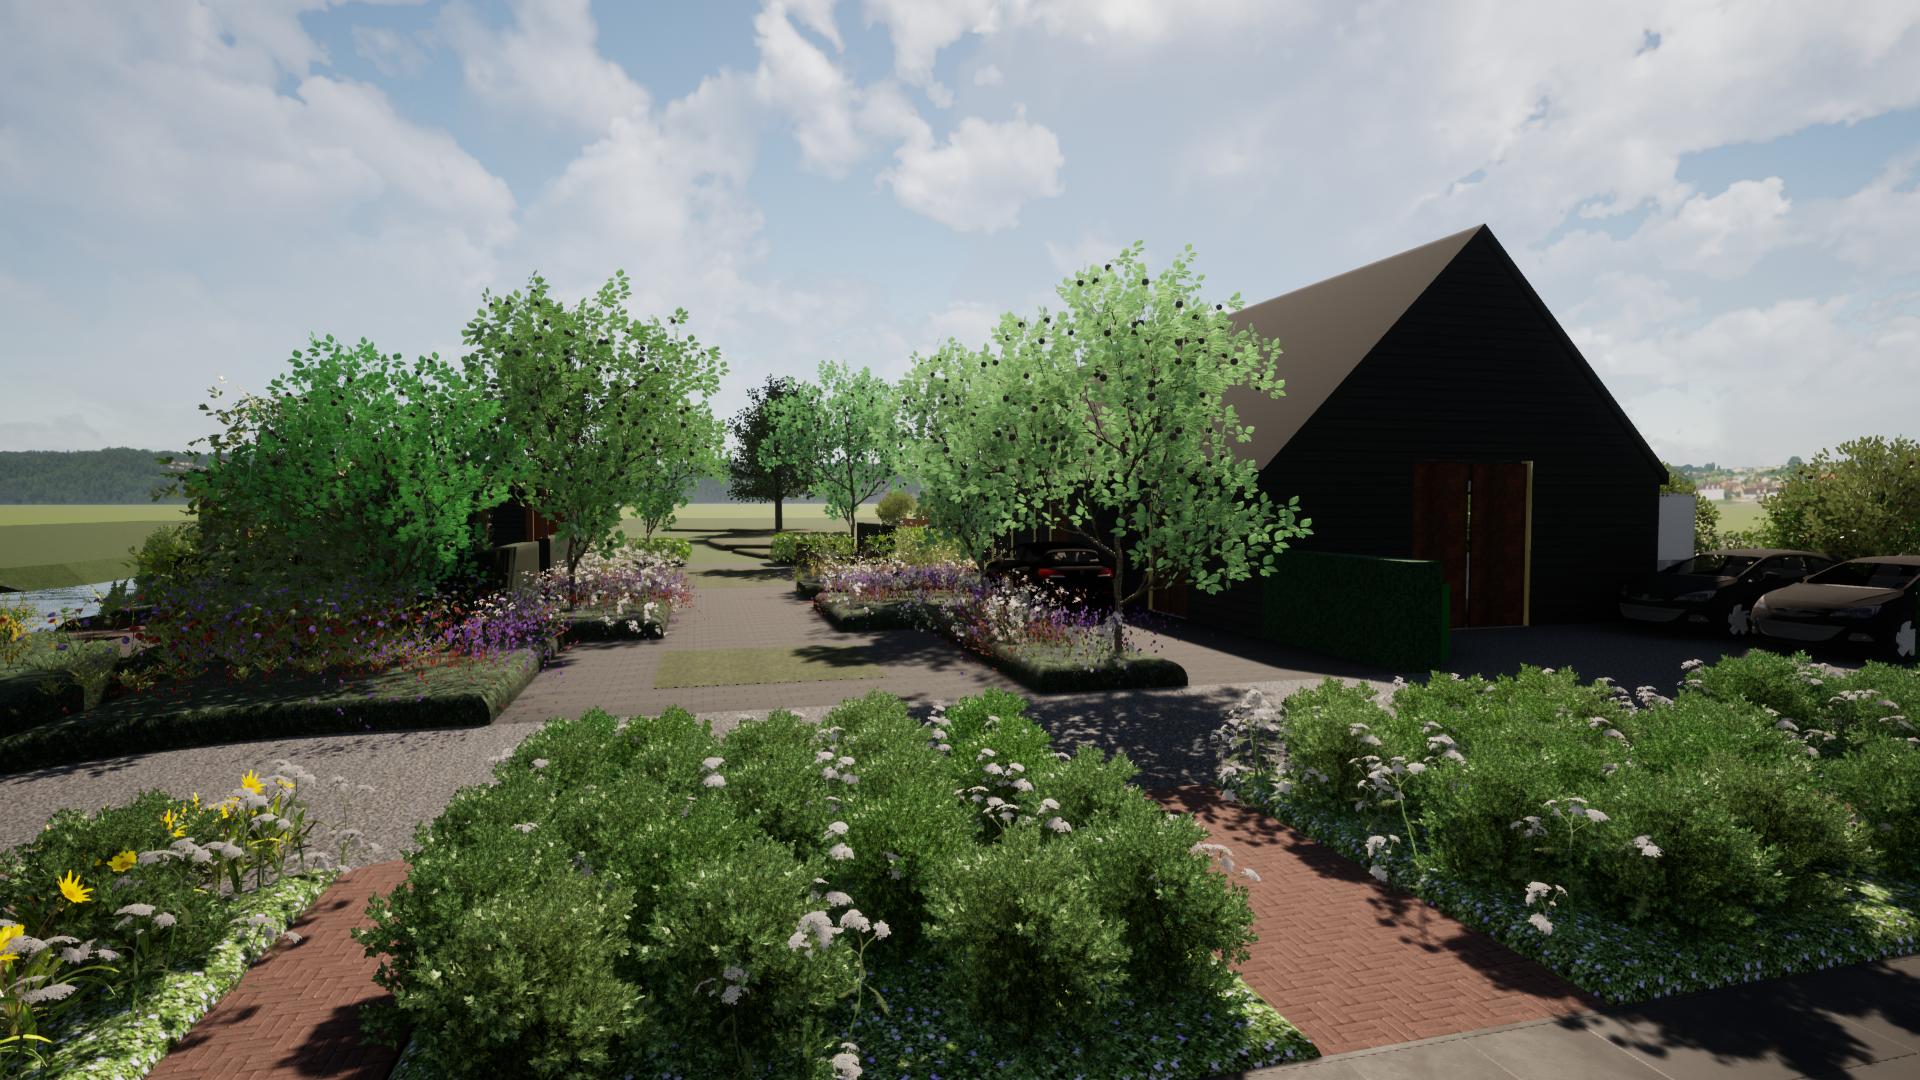 Boerentuin met doorgang voor landbouwvoertuinen en toch groen enbesloten©Groenerwaard